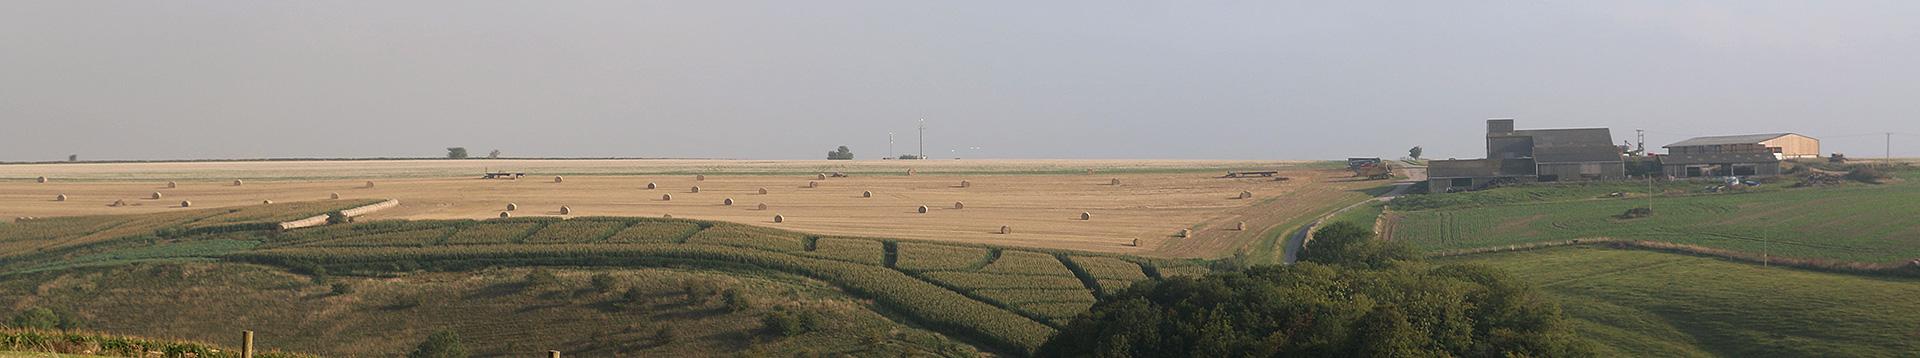 Widdington Shoot farm